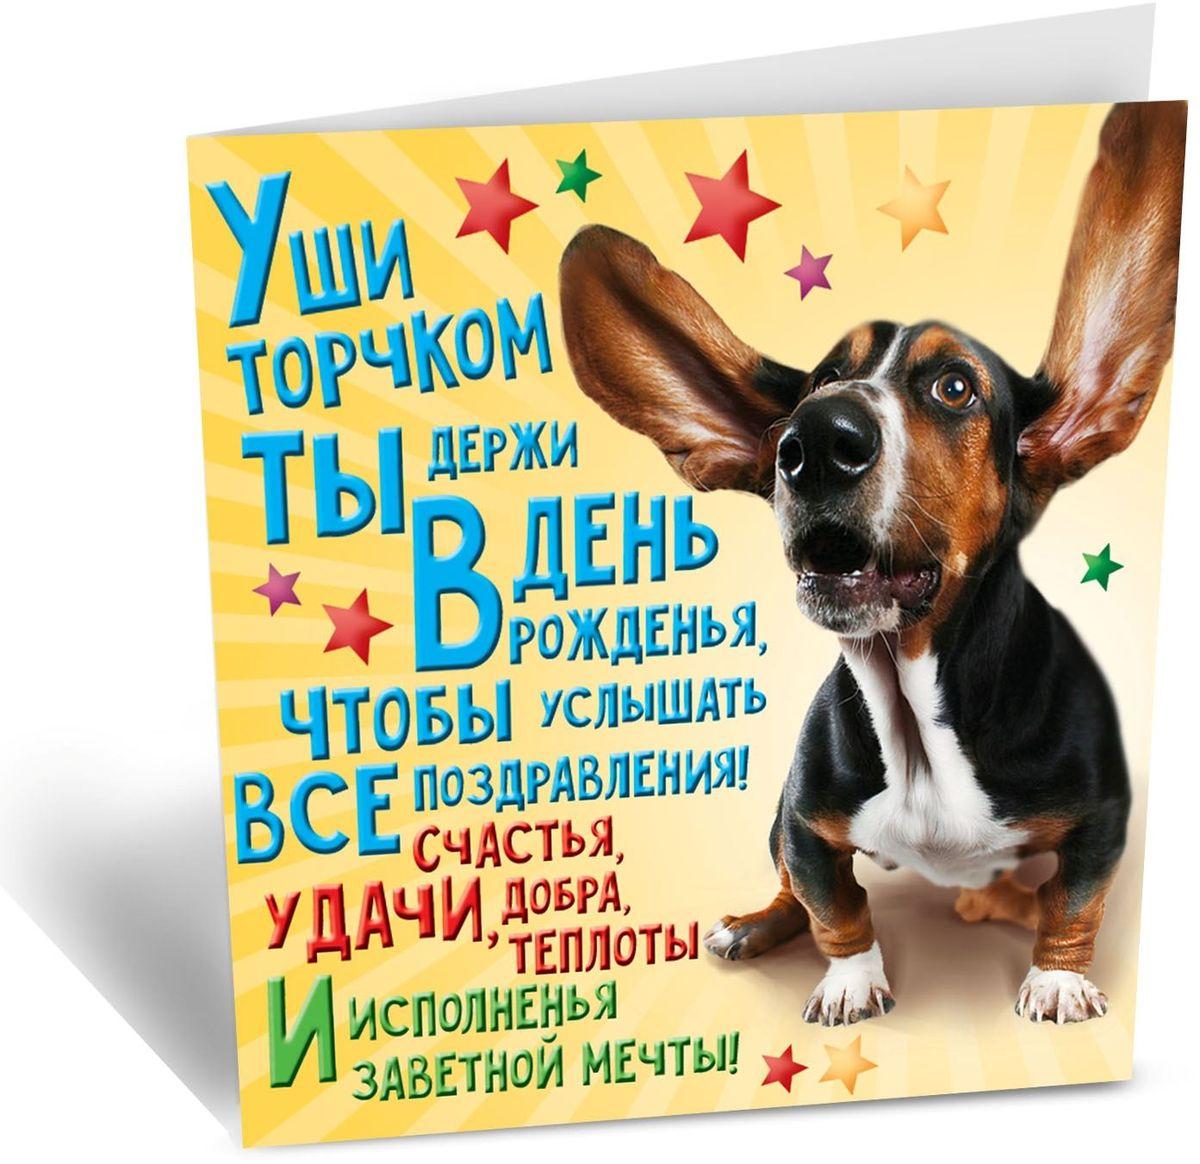 Открытка Дарите cчастье С Днем Рождения, 7 х 7 см879460Праздники - это отличный повод встретиться с родными и друзьями, провести вместе время. Поздравьте близких и дорогих вам людей, подарив им карточку с теплыми пожеланиями.Мини-открытка Дарите счастье С Днем Рождения, не содержит текста, но имеет красивый дизайнерский рисунок. Такая яркая карточка станет прекрасным дополнением к основному подарку.Сохраните самые чудесные моменты жизни!